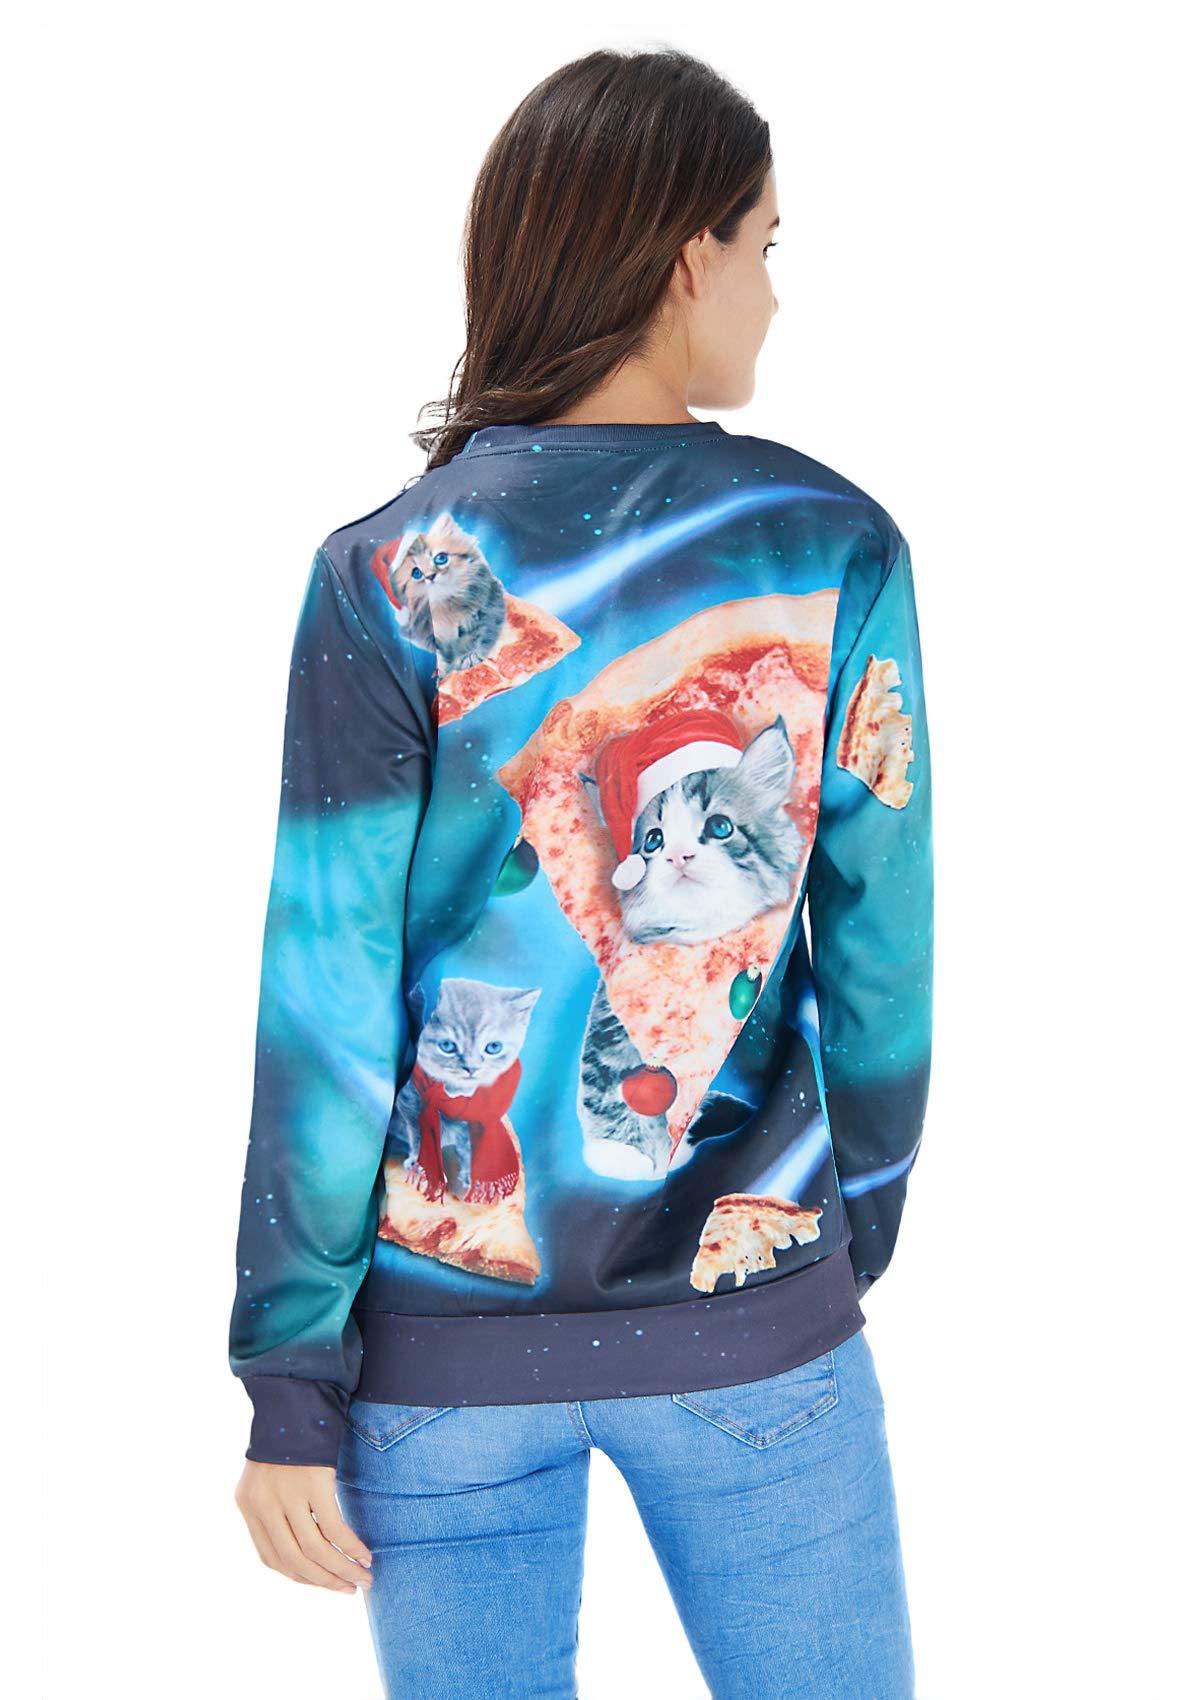 RAISEVERN Unisex hässliche Weihnachtskatze Pullover Hip Hop Neuheit Grafik Pullover Sweatshirt Kleidung für Teen Juniors